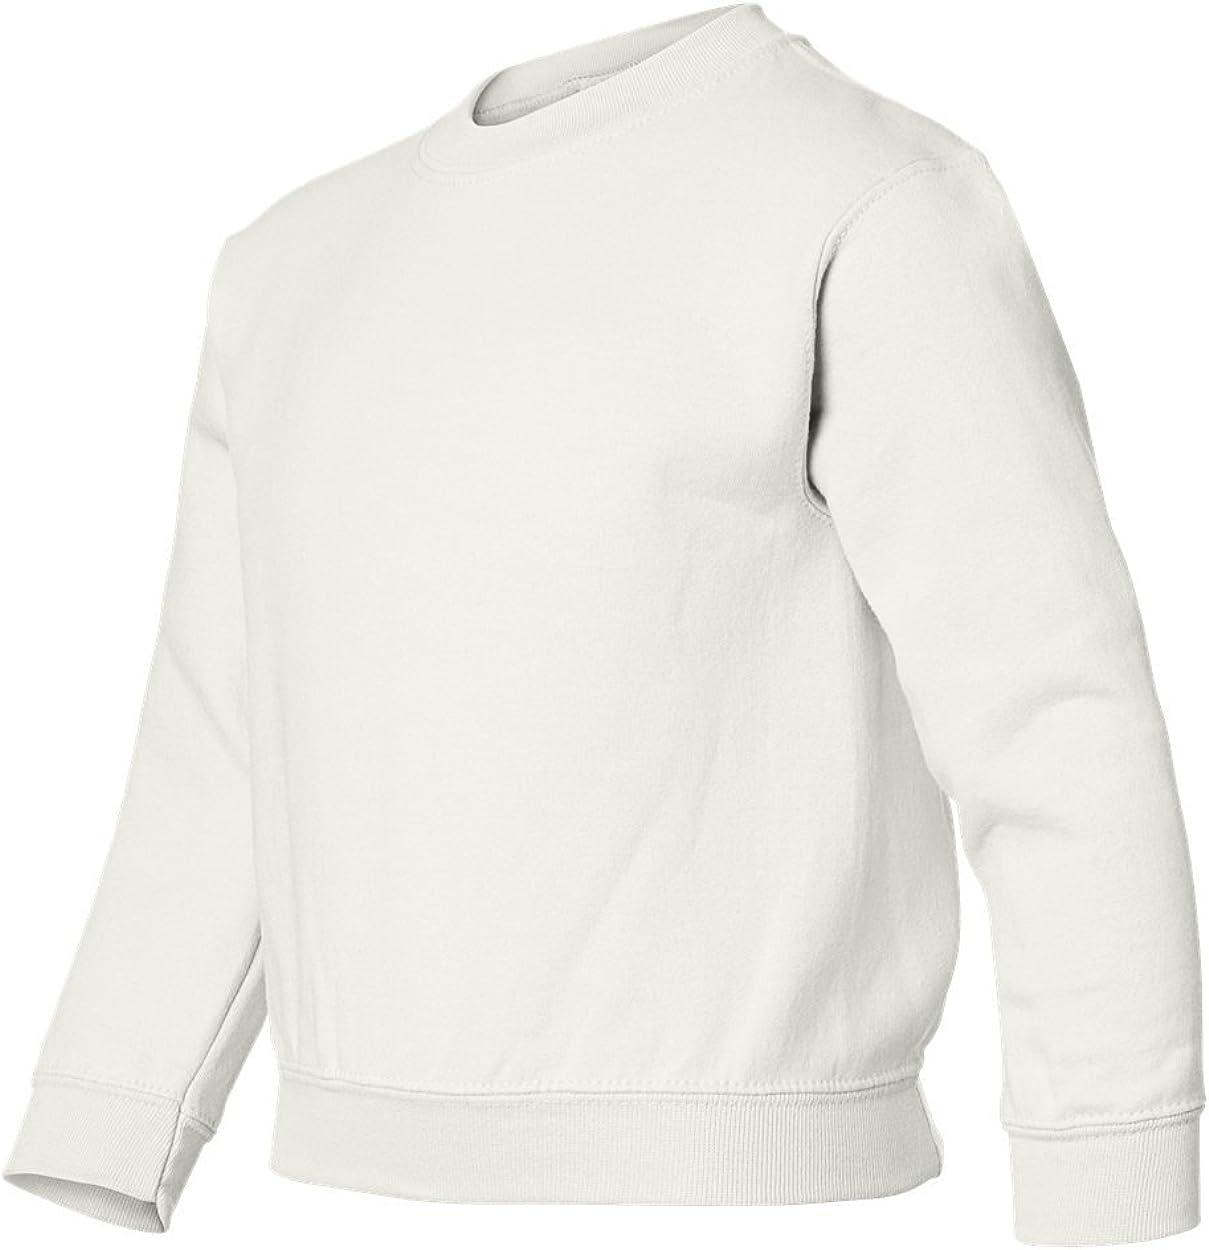 Gildan 7.75 oz 50/50 Youth Crew Neck G180B: Clothing